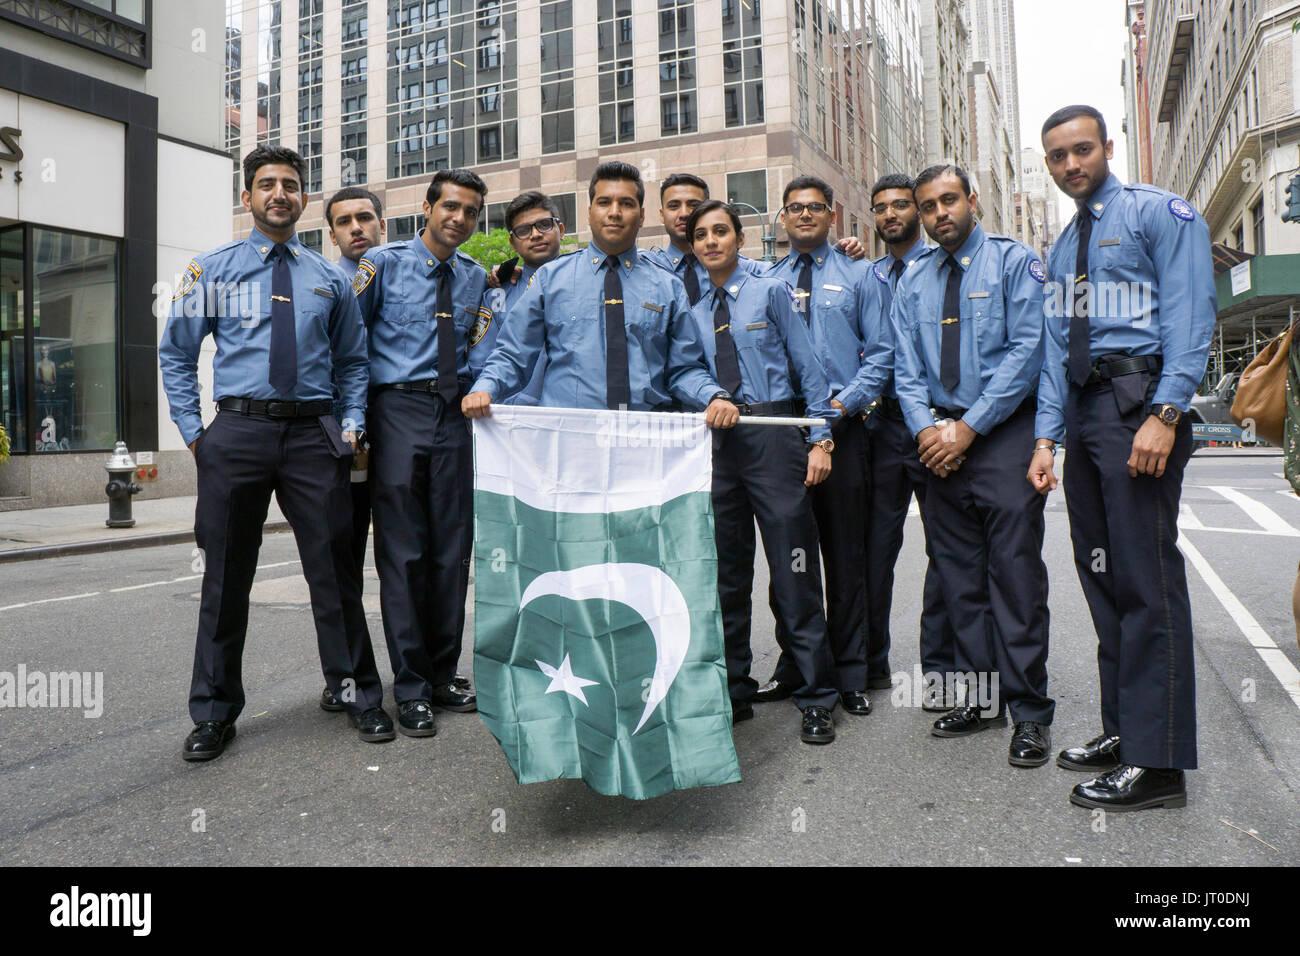 Un gruppo di giovani studenti pakistano presso la polizia NYPD Academy presso il Pakistan parata del giorno a Manhattan, New York City. Immagini Stock